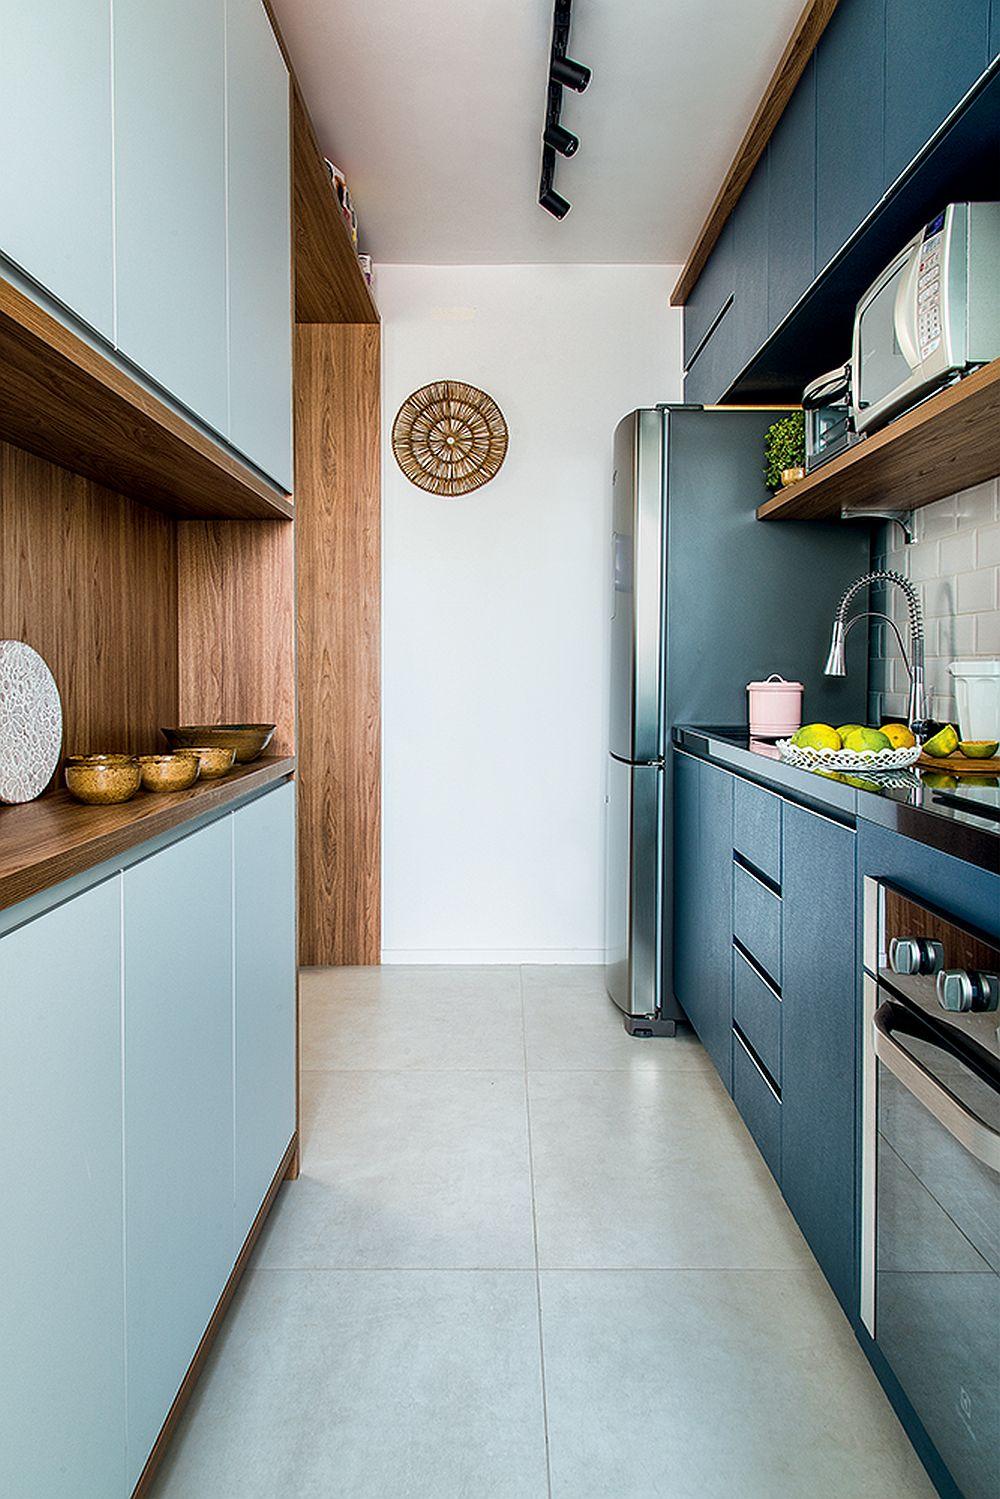 Bucătăria este mică și îngustă, dar mobilierul poziționat pe ambele laturi oferă suficient loc de depozitare.